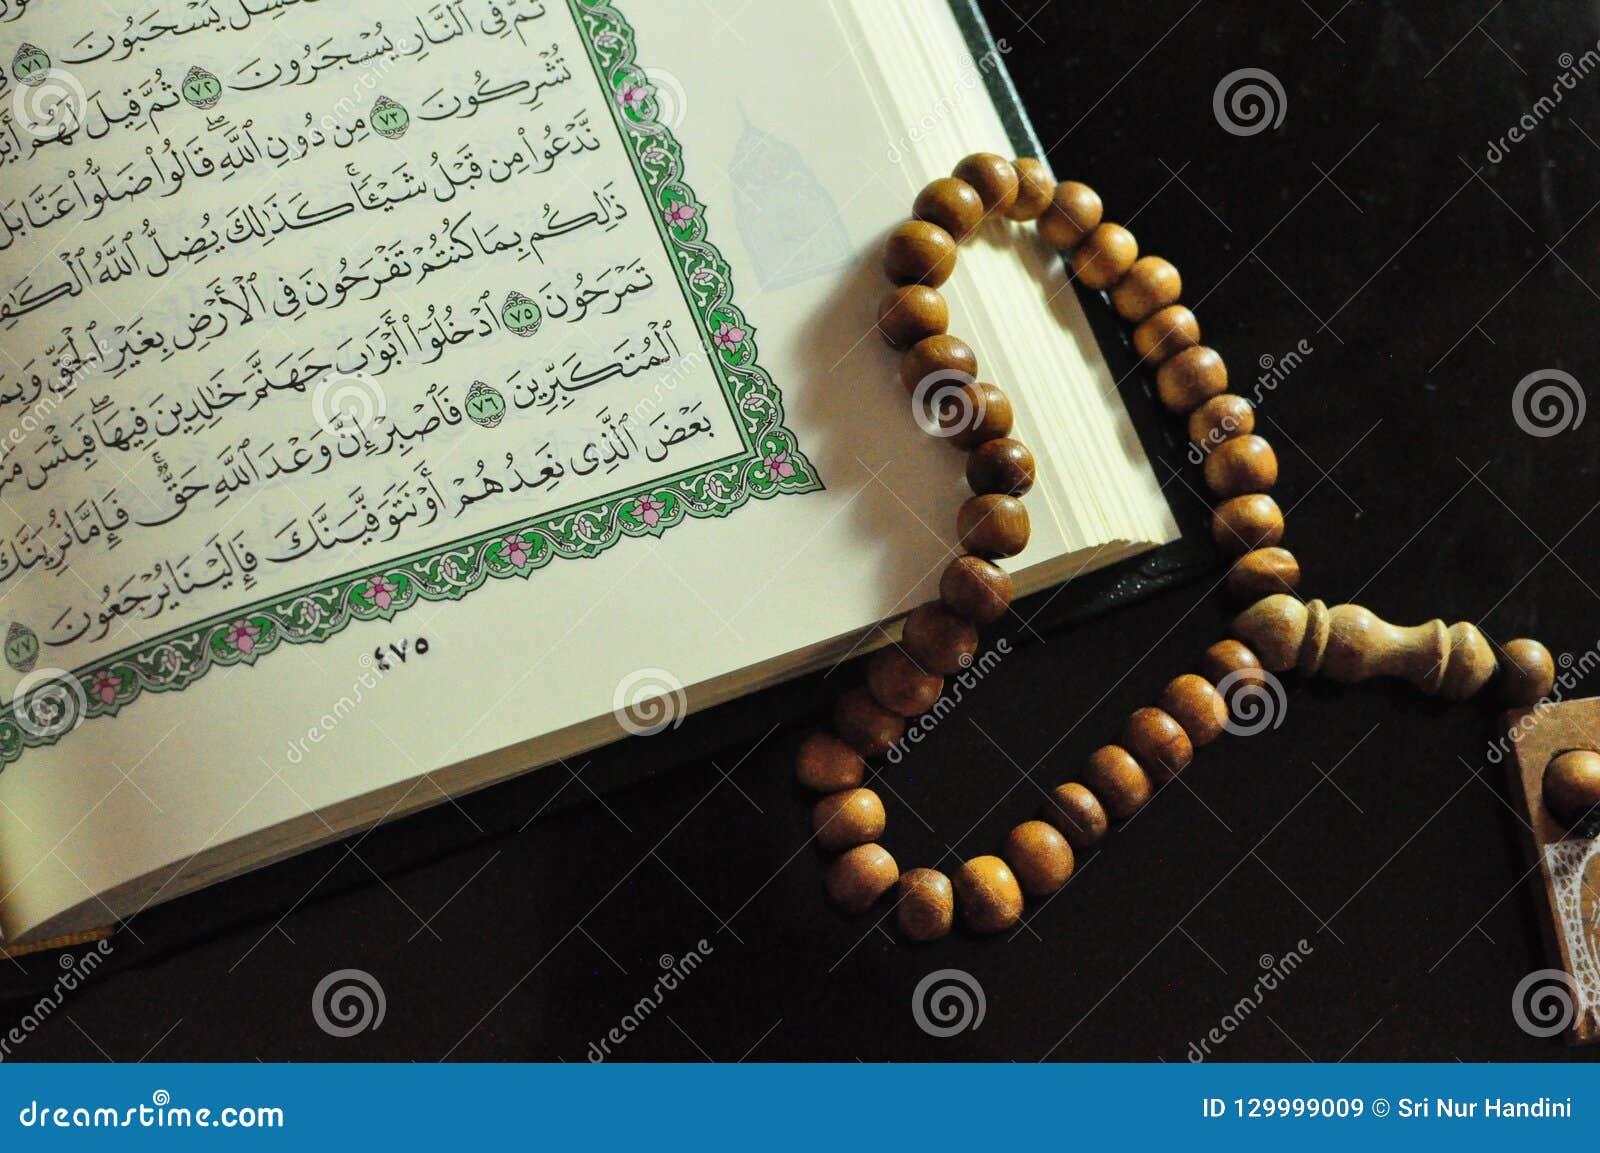 Unduh 8100 Wallpaper Quran Dan Tasbih HD Terbaru